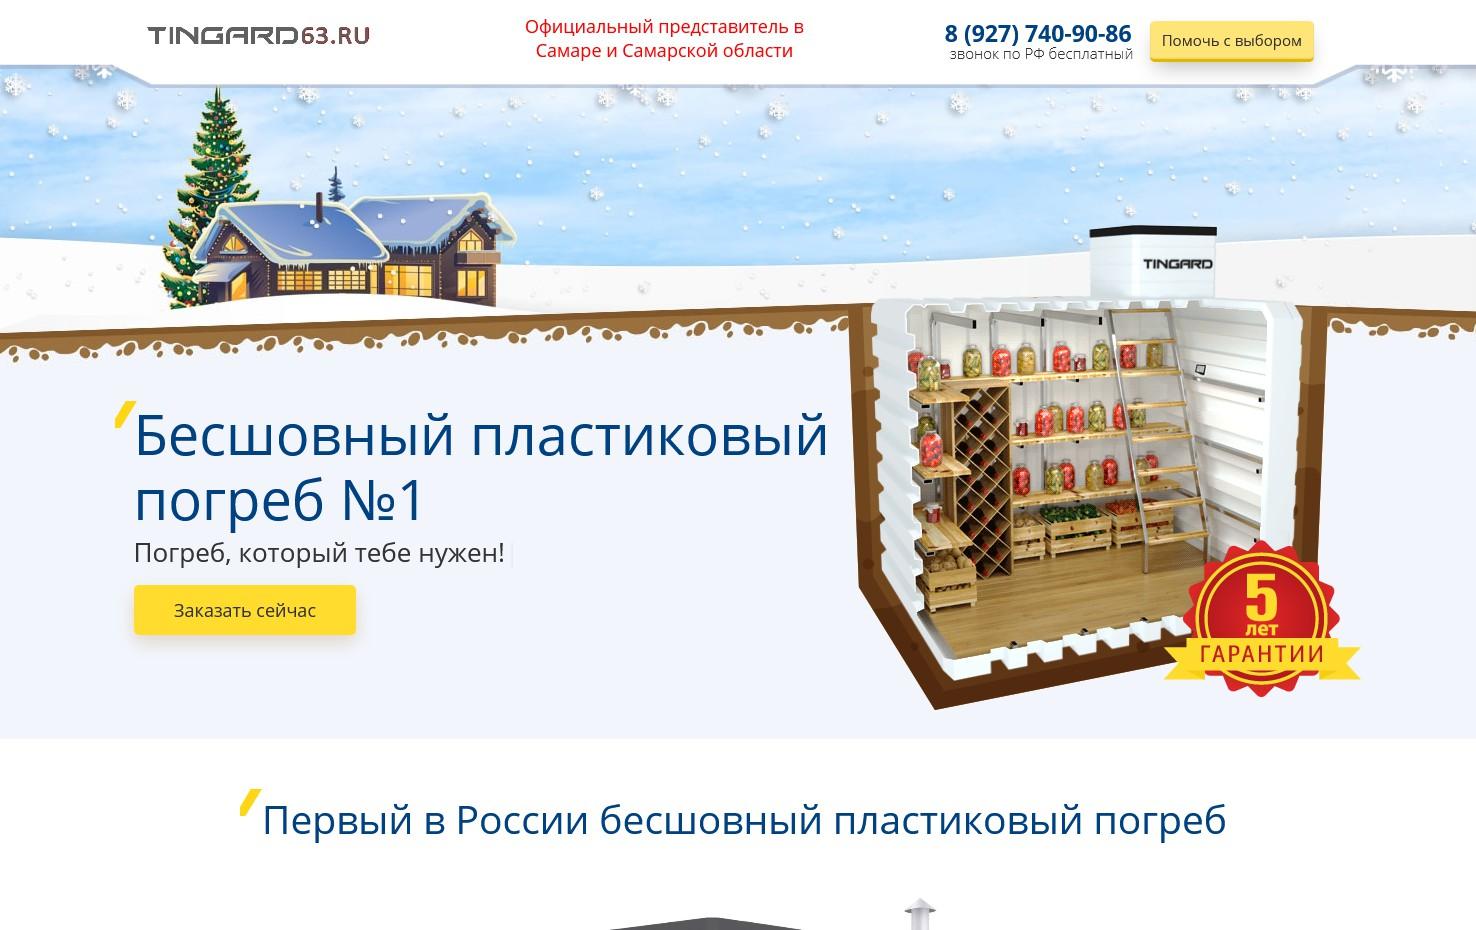 tingard63.ru